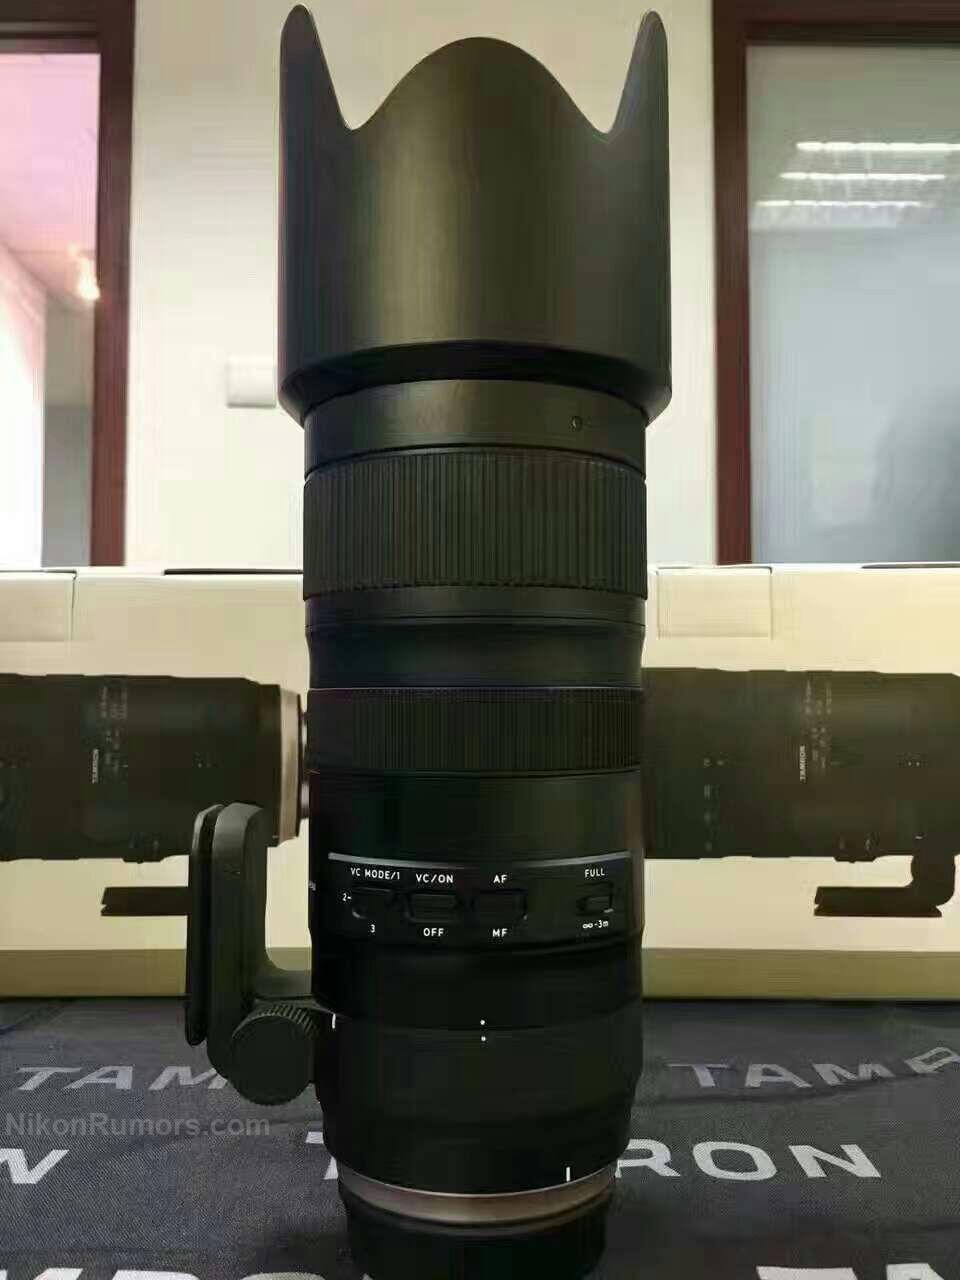 Tamron-SP-70-200mm-f2.8-Di-VC-USD-G2-lens-4